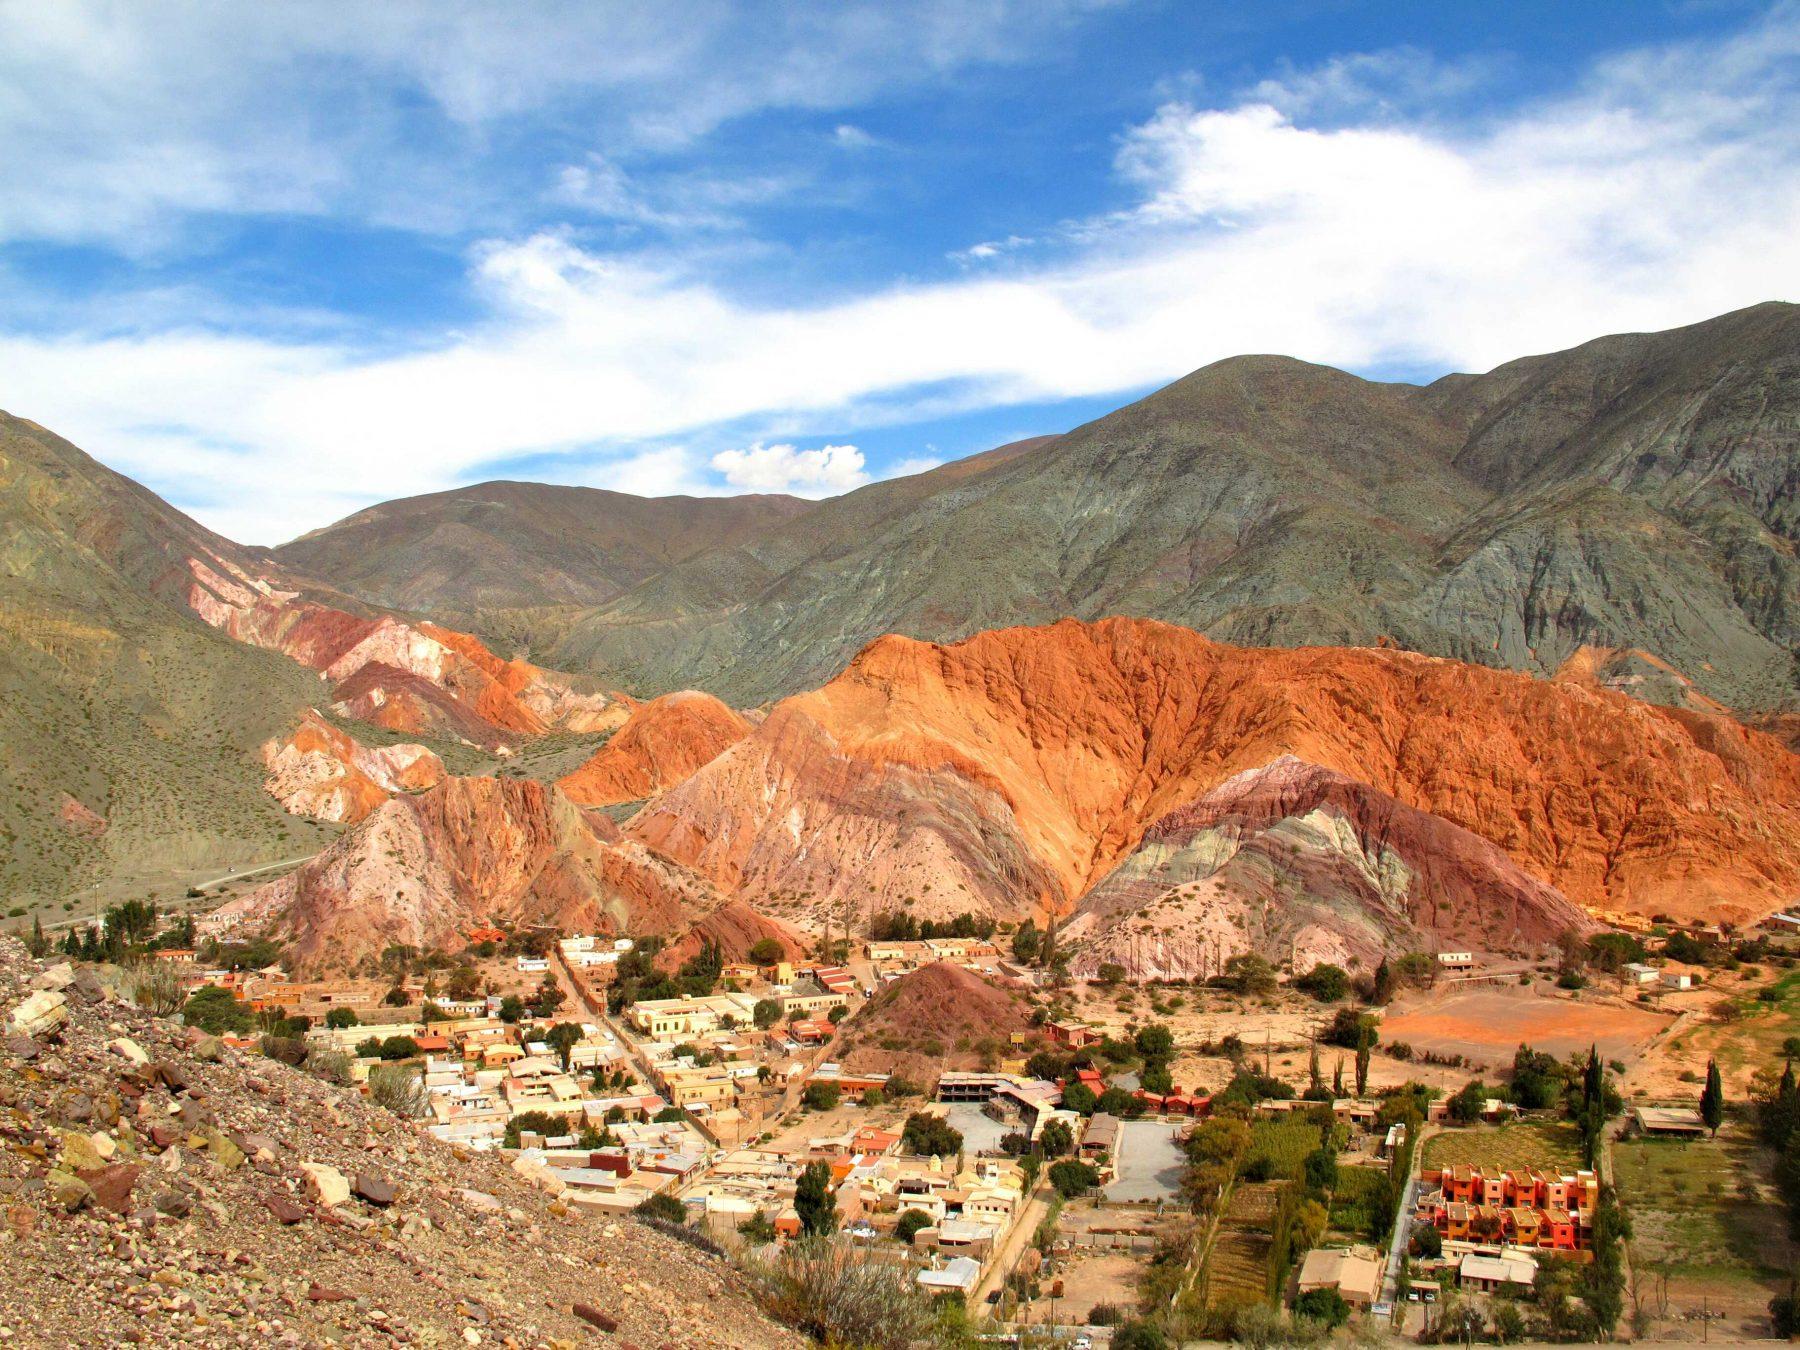 La montagne colorée de Pumamarca, nord de l'Argentine